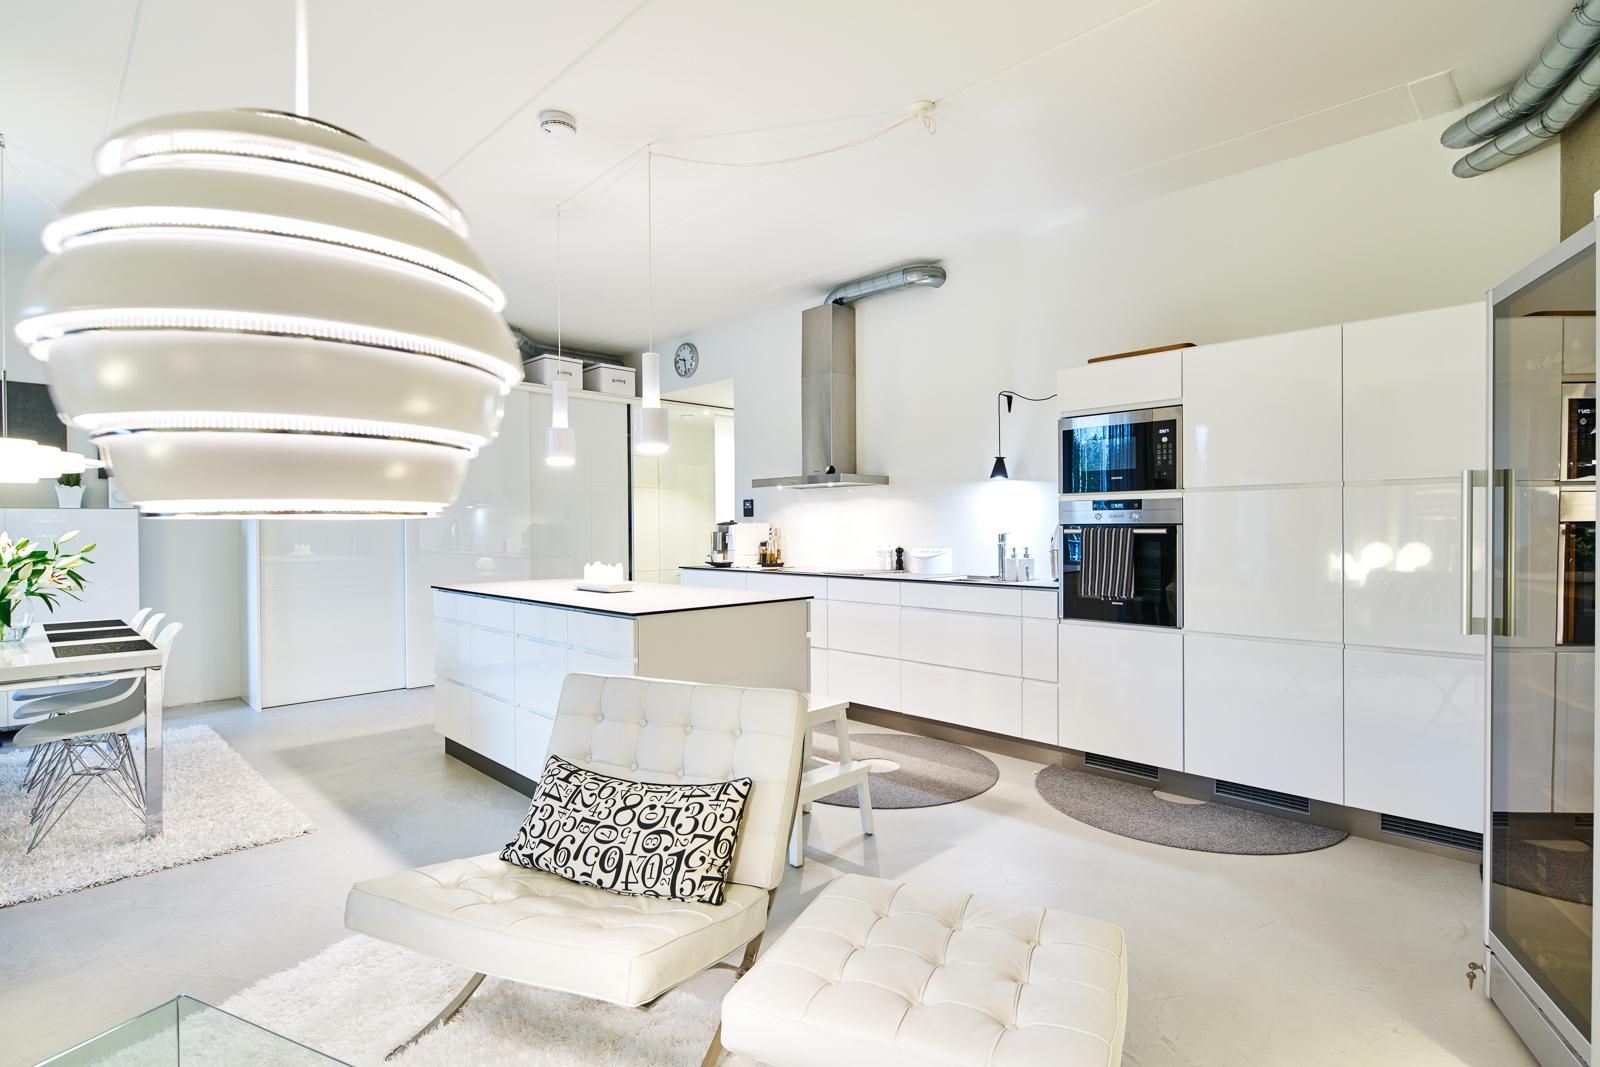 Loft asunnon valkoinen keittiö  Etuovi com Ideat & vinkit